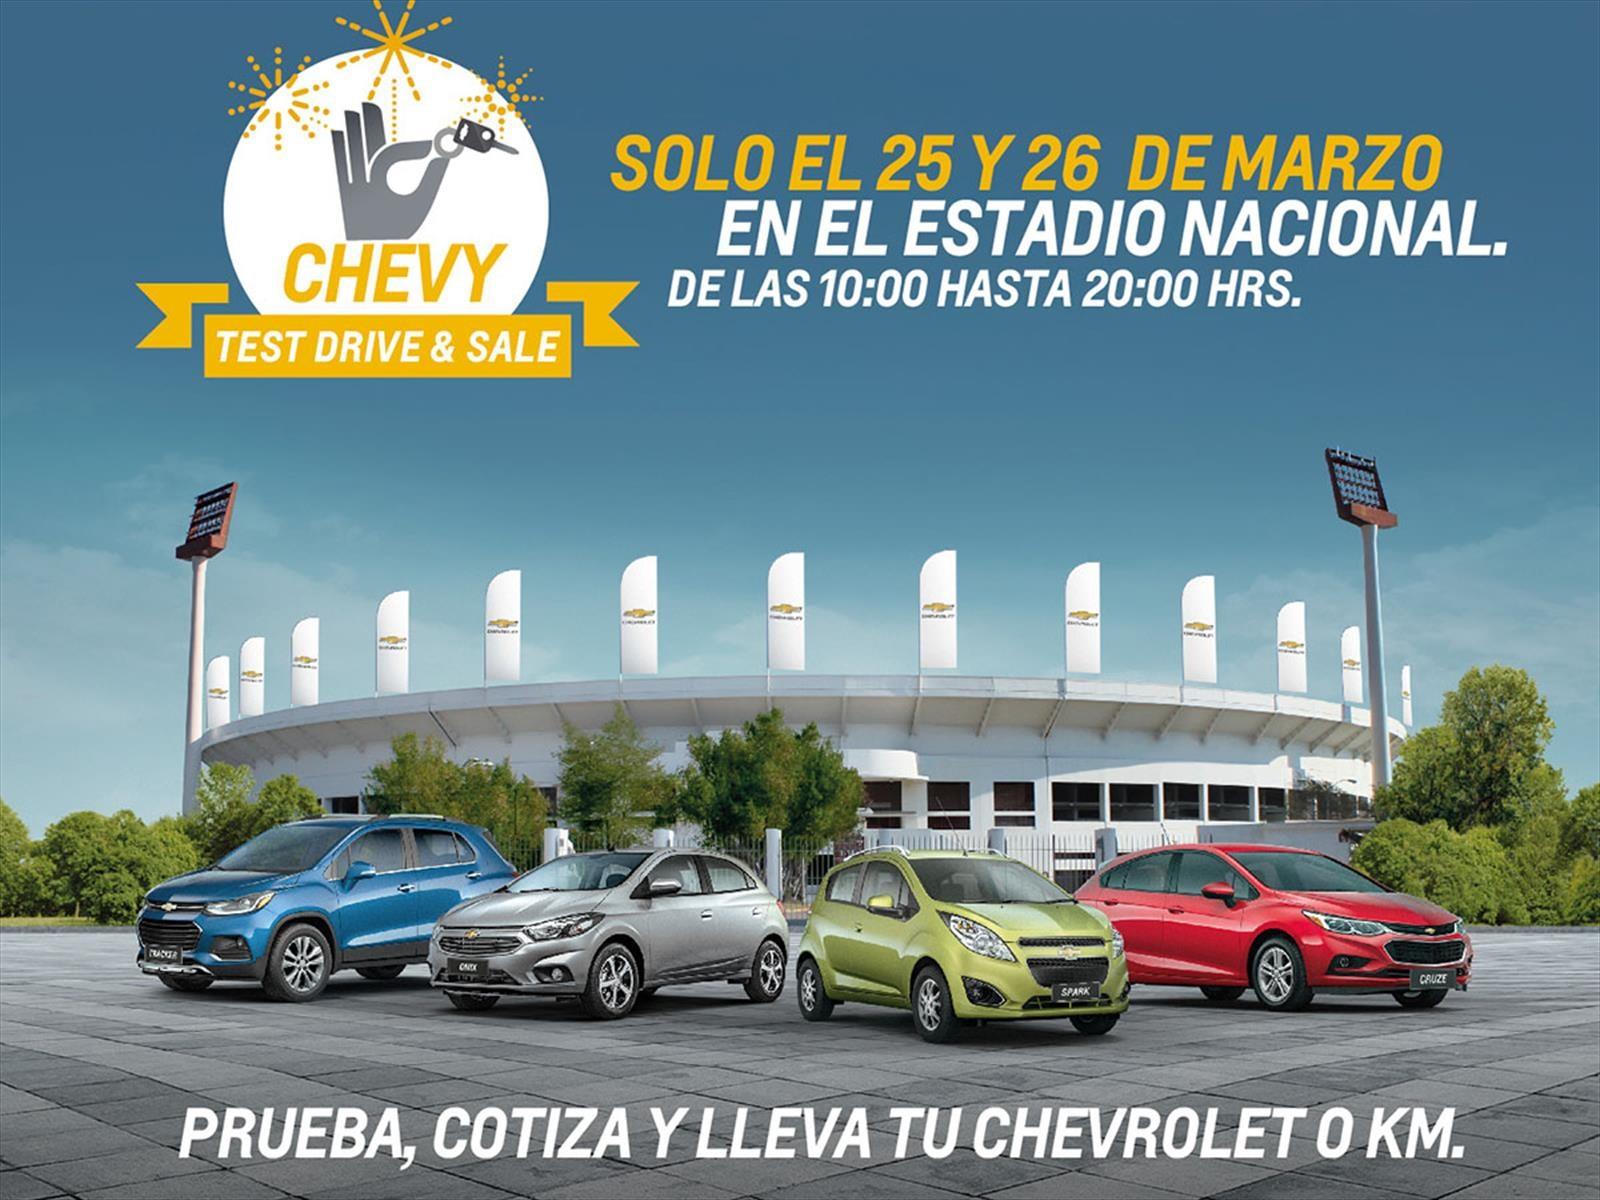 Chevrolet anuncia venta especial de modelos en el Estadio Nacional por este fin de semana